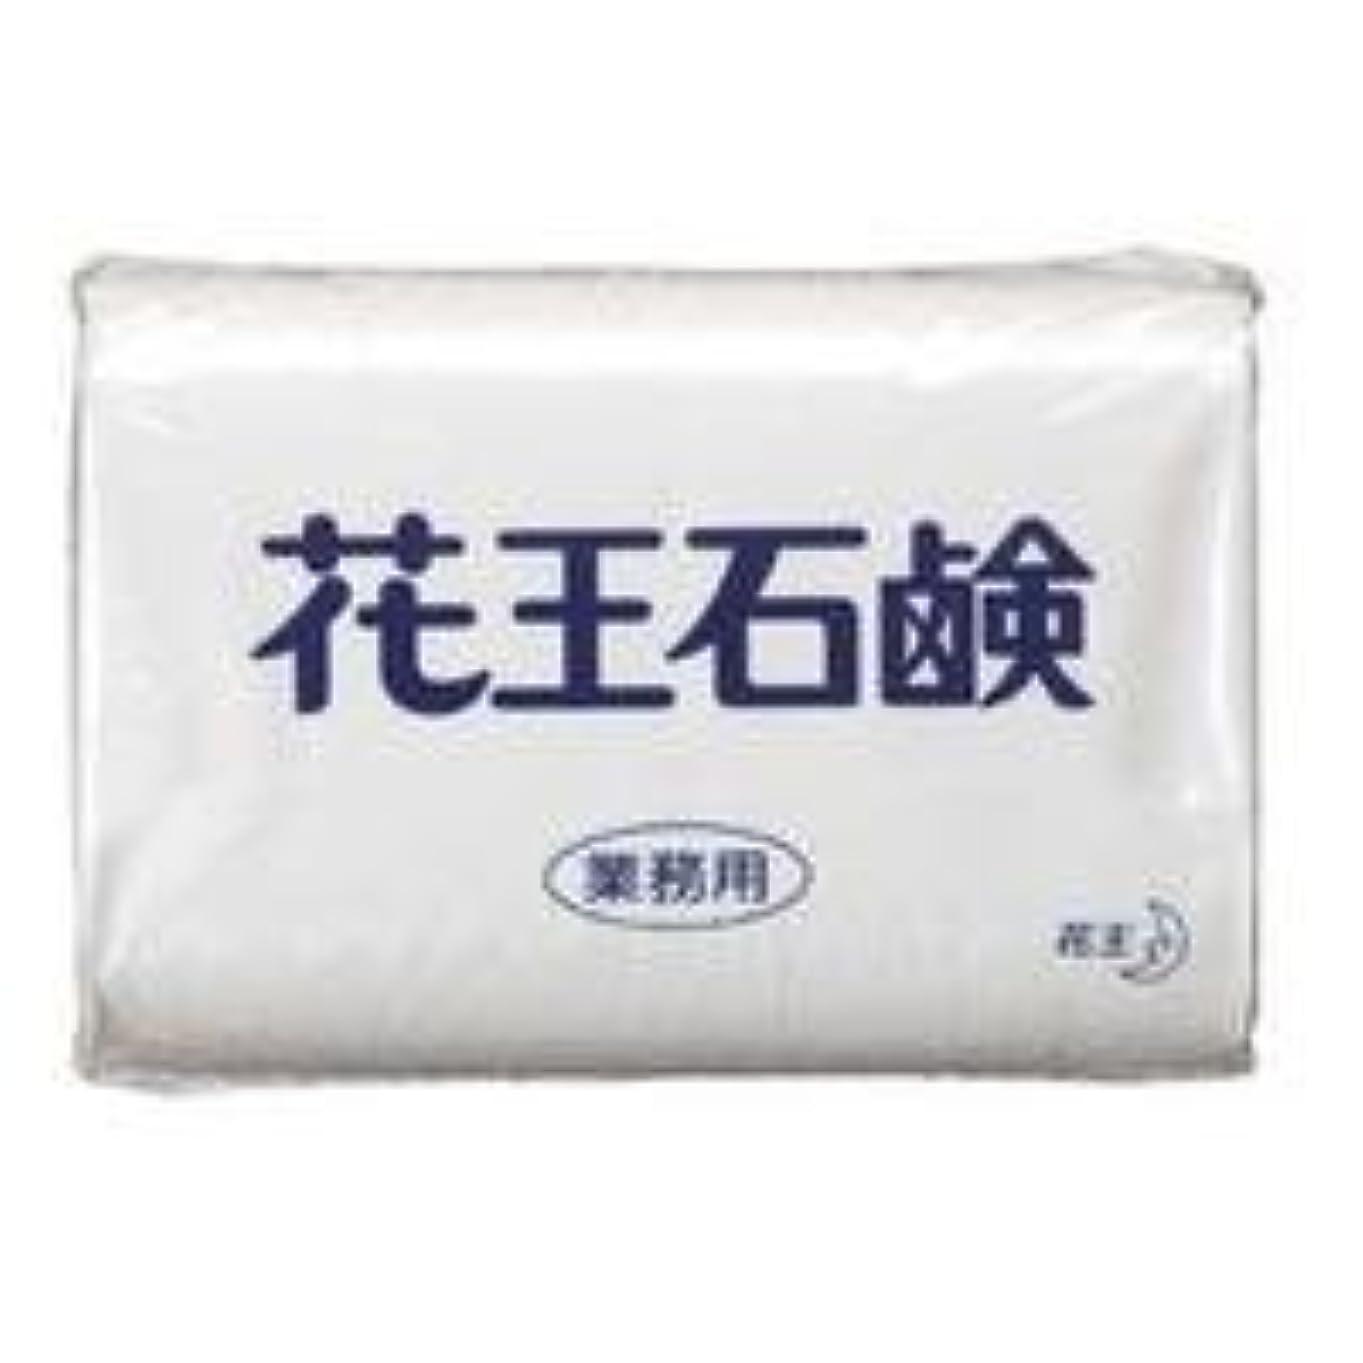 無秩序記念碑エピソード業務用石鹸 85g 3個×40パック(120個入り)